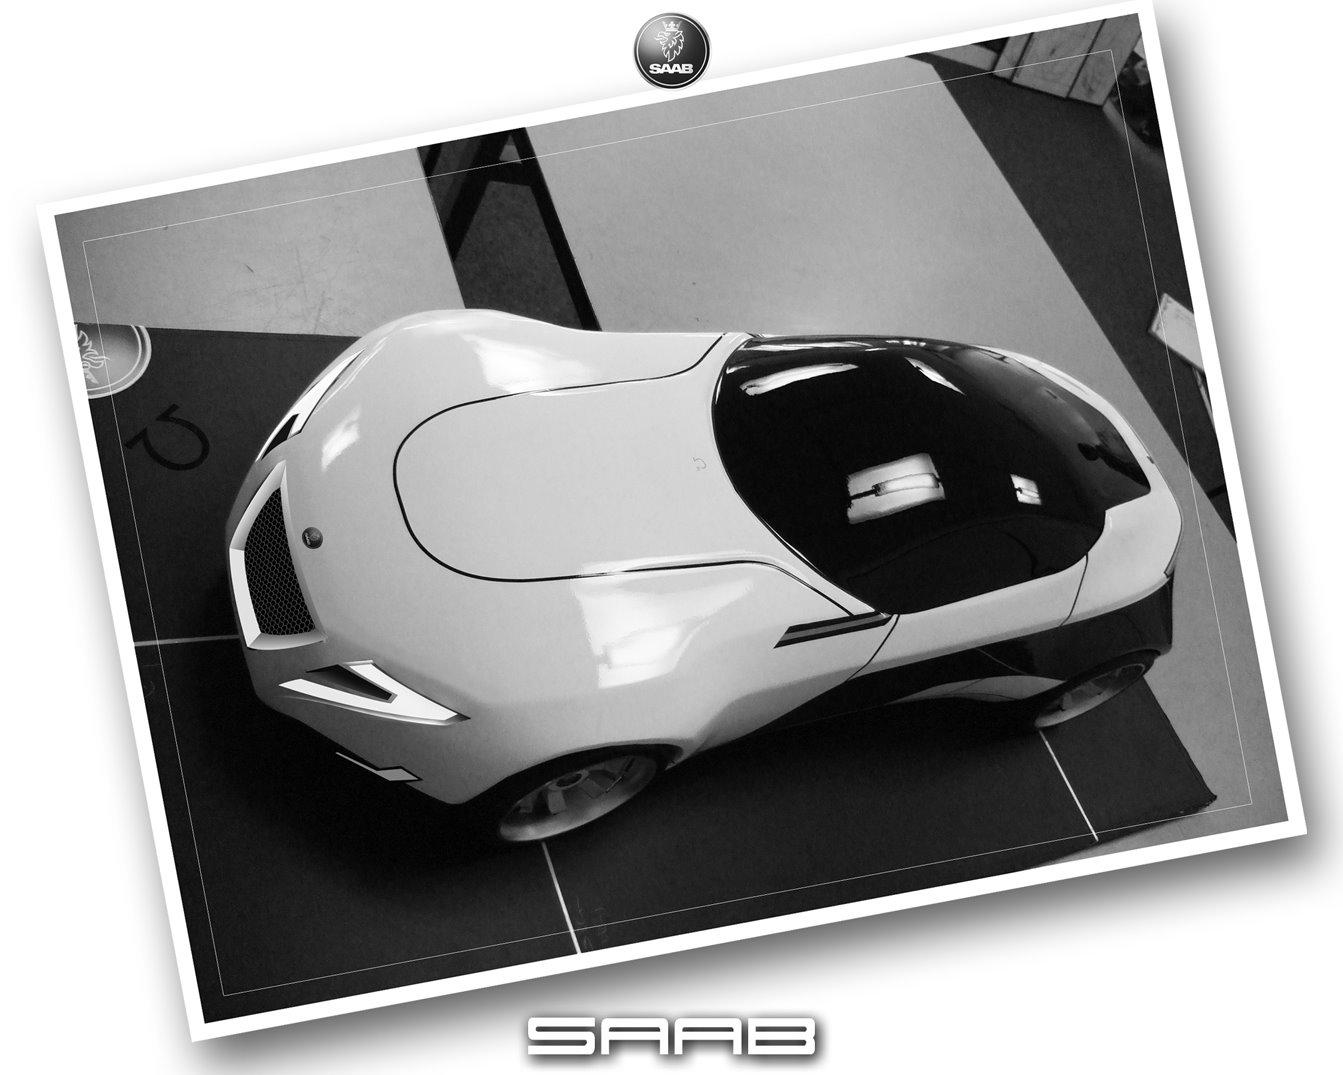 Saab concept car Fashionista